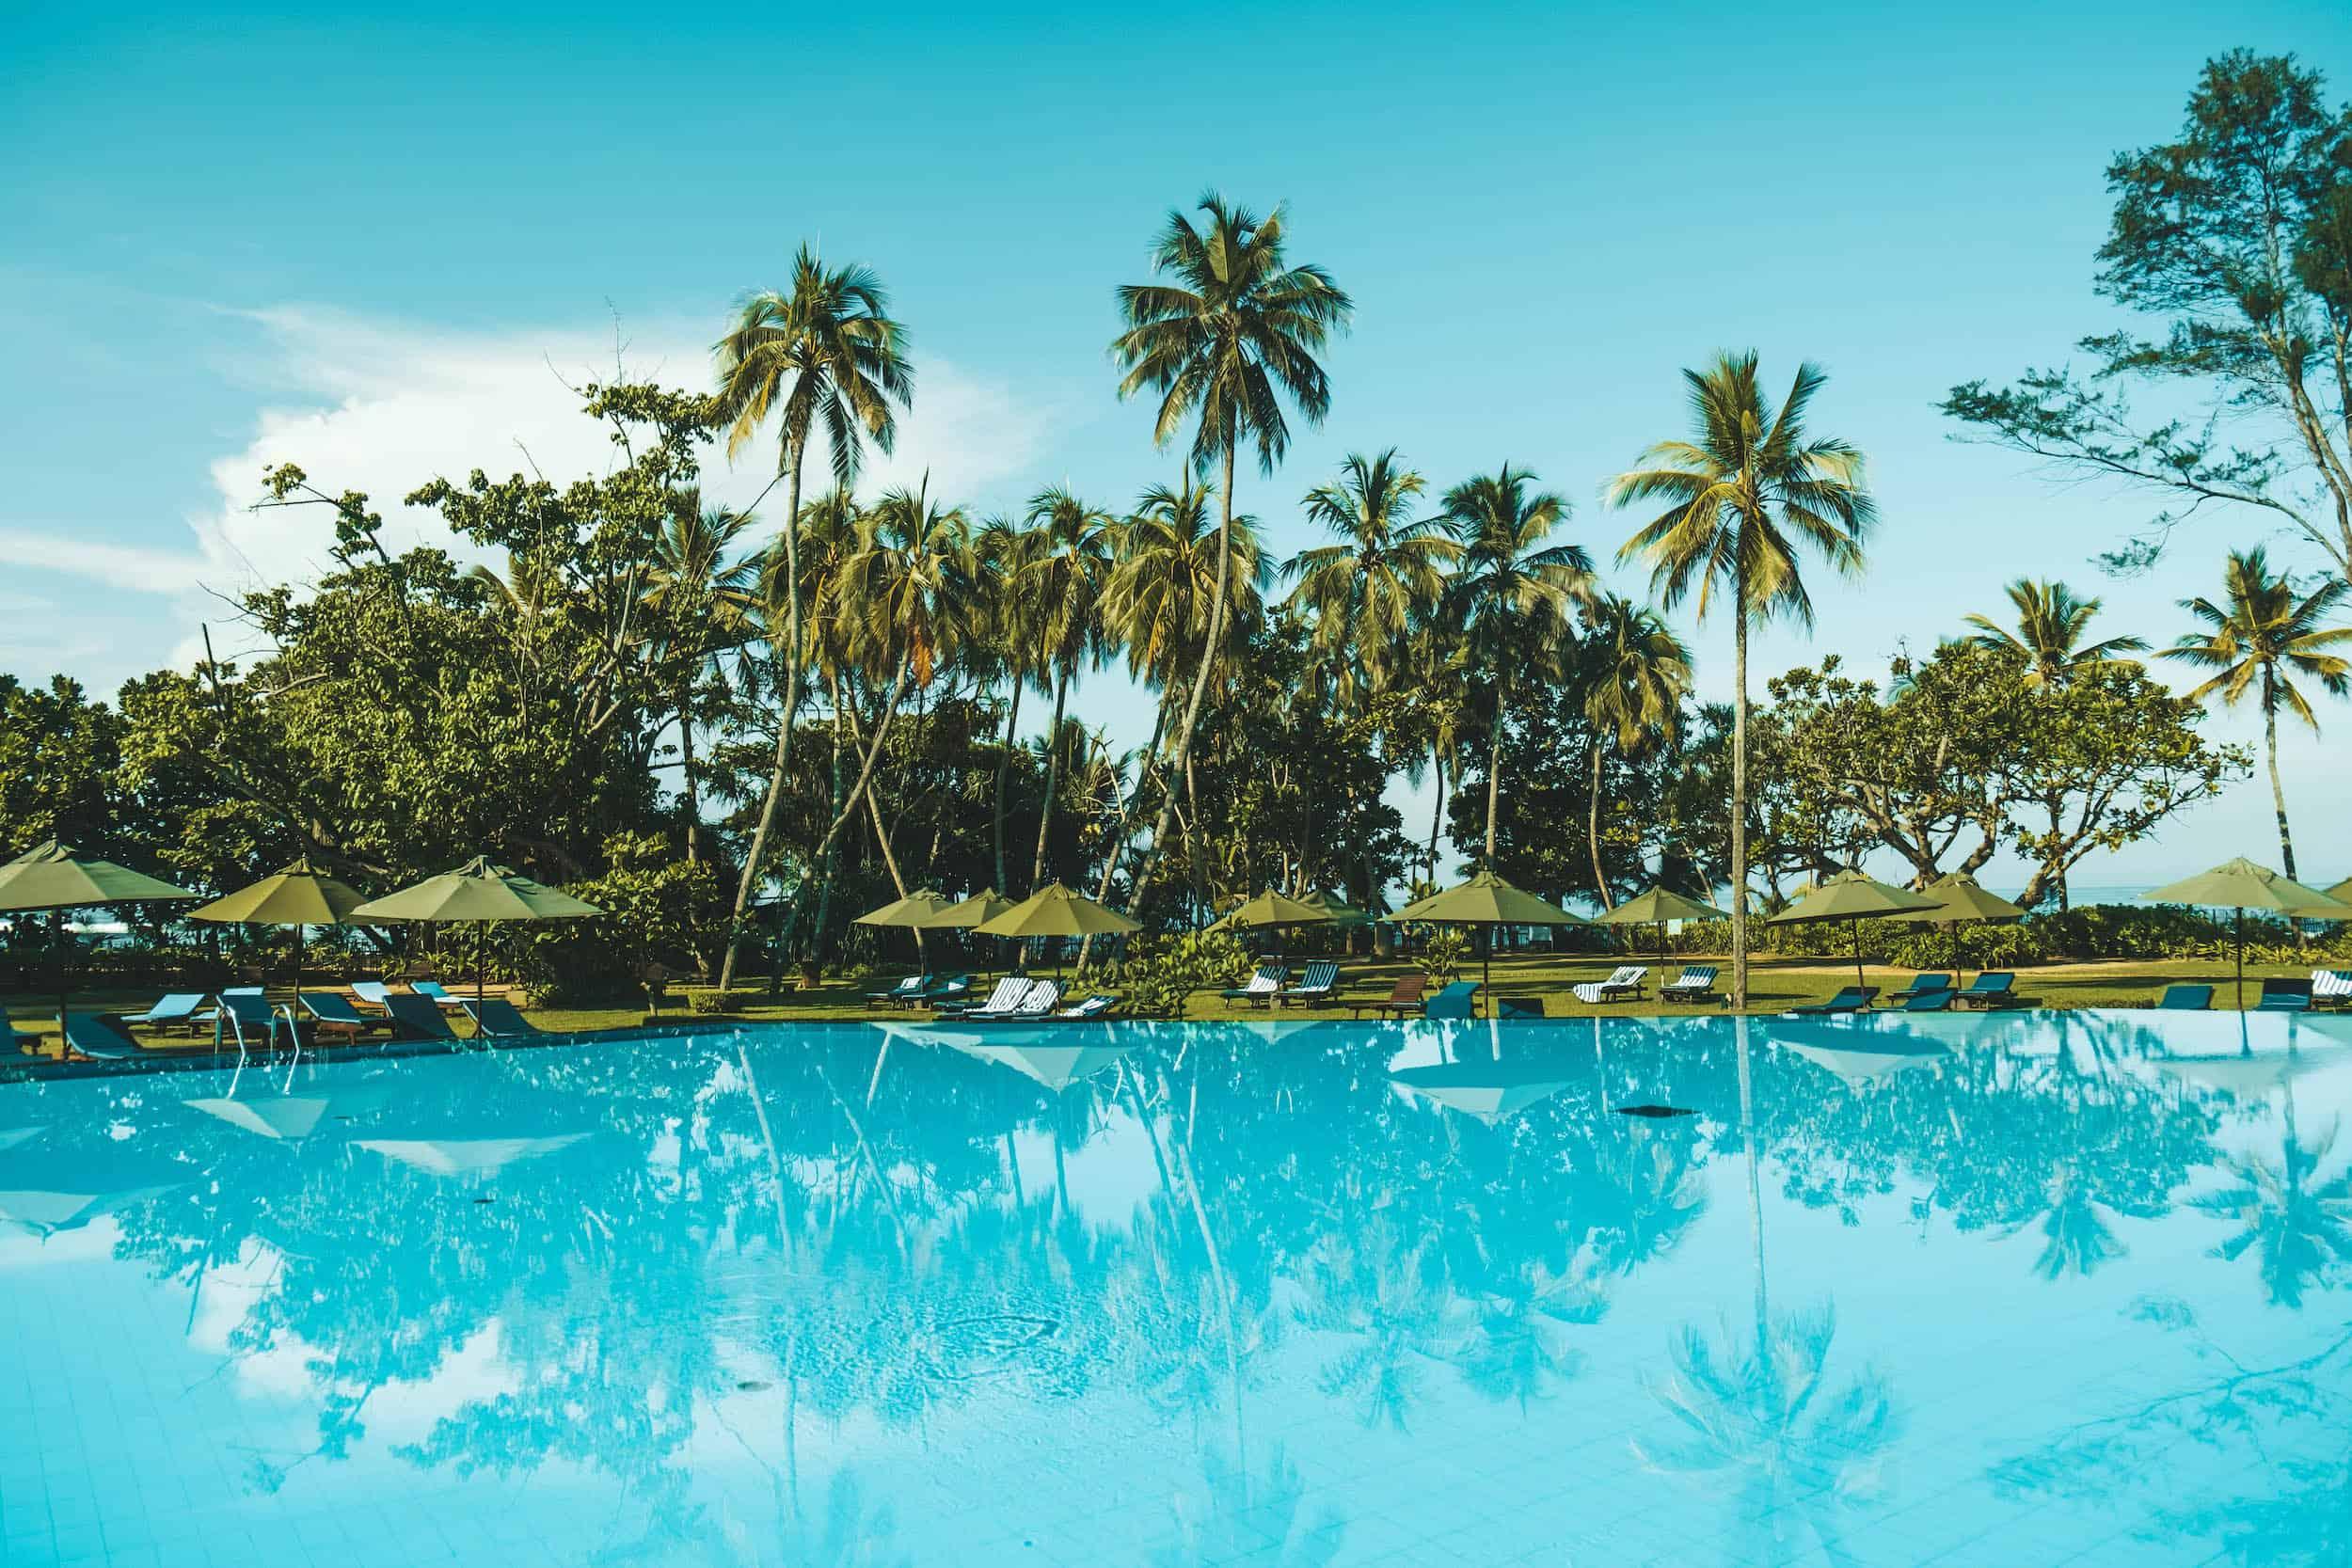 Plan a trip to Sri Lanka